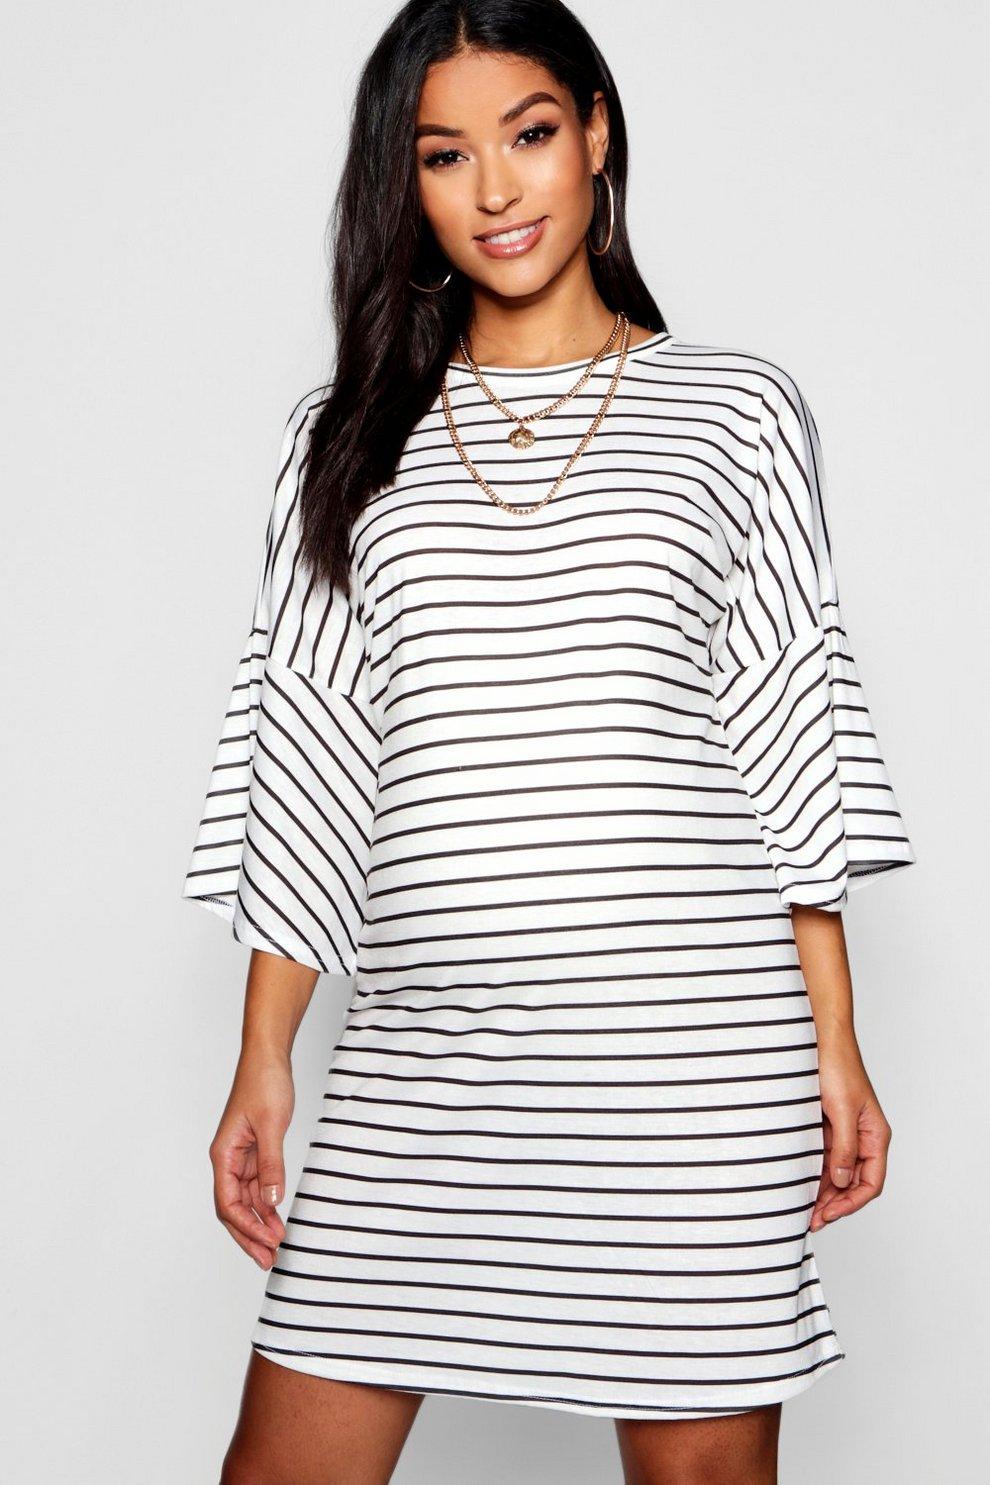 premium selection 6ed9c 2f454 Abito T-shirt con maniche a balza premaman a righe in bianco e nero